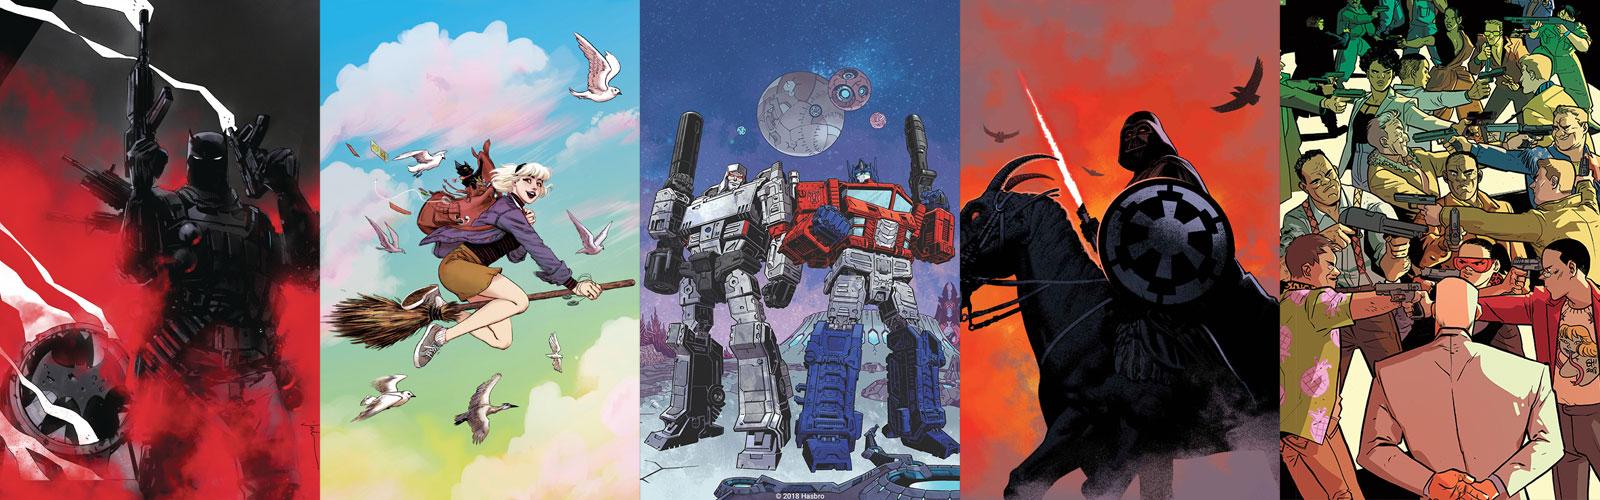 Ace Comics Advance Order List 364